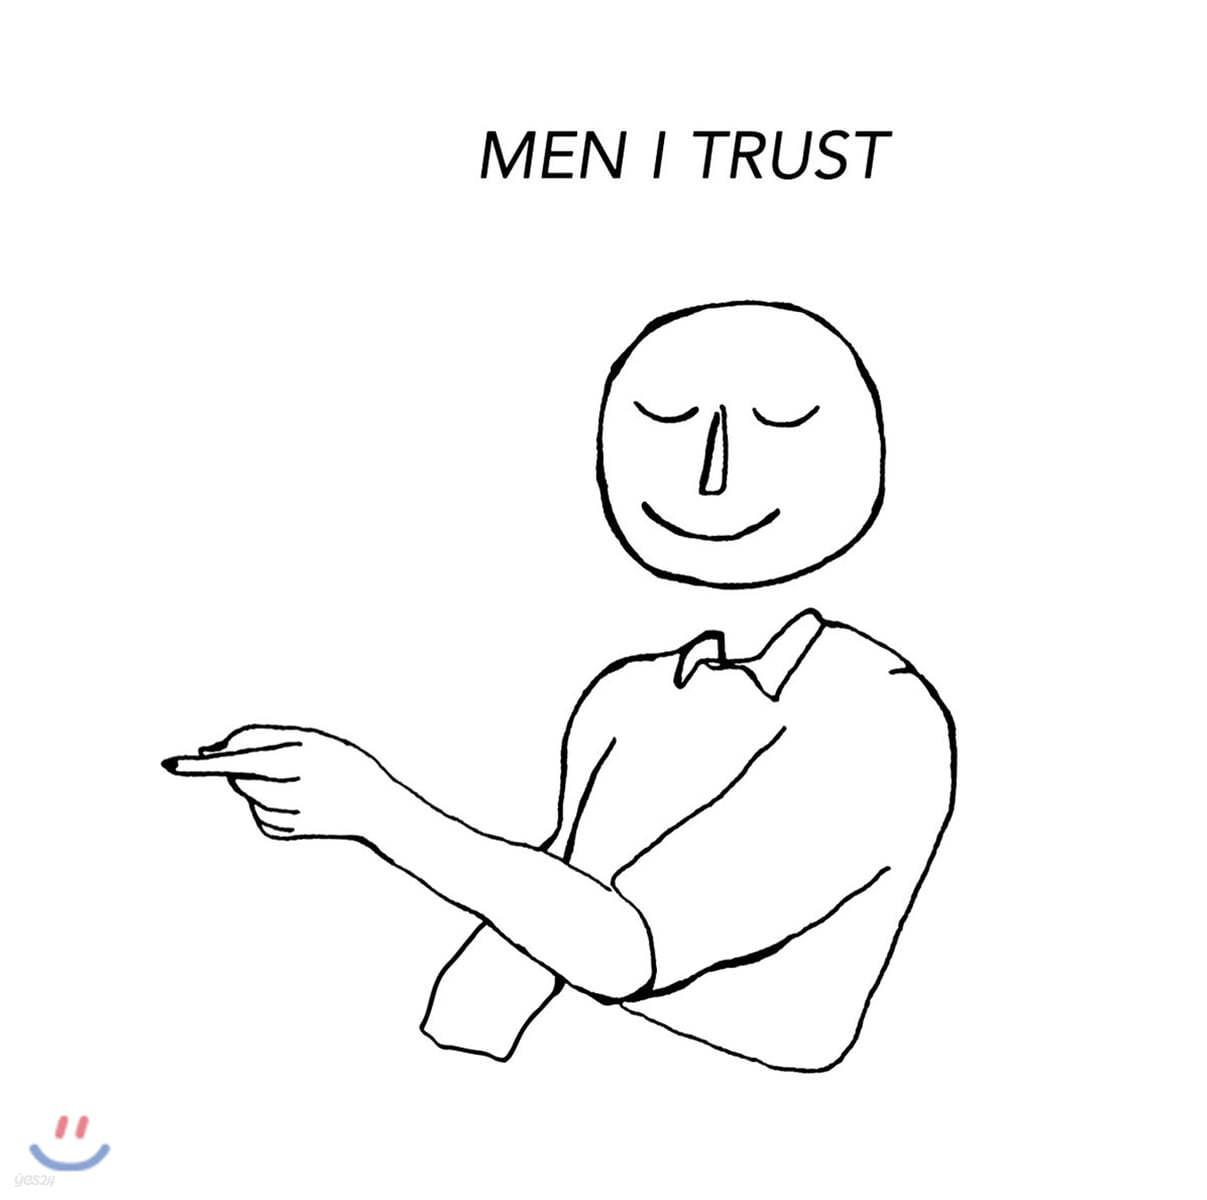 Men I Trust (멘 아이 트러스트) - Men I Trust